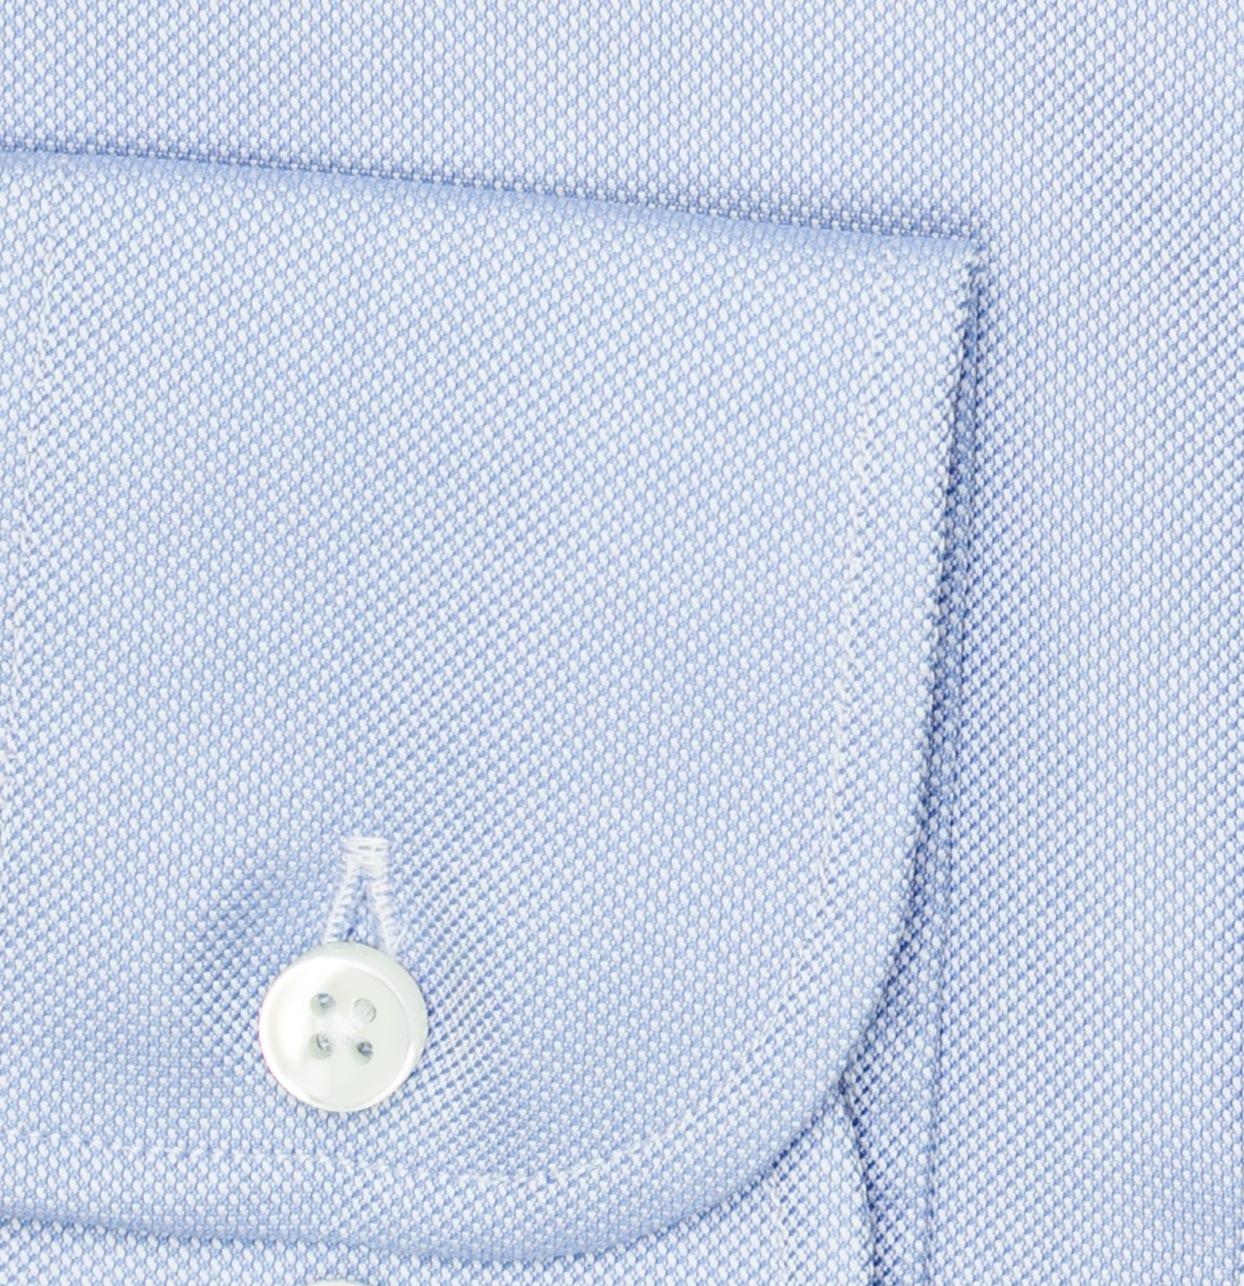 Camisa Formal Wear REGULAR FIT cuello Italiano, modelo NAPOLI tejido micrograbado color azul, 100% algodón. - Ítem2